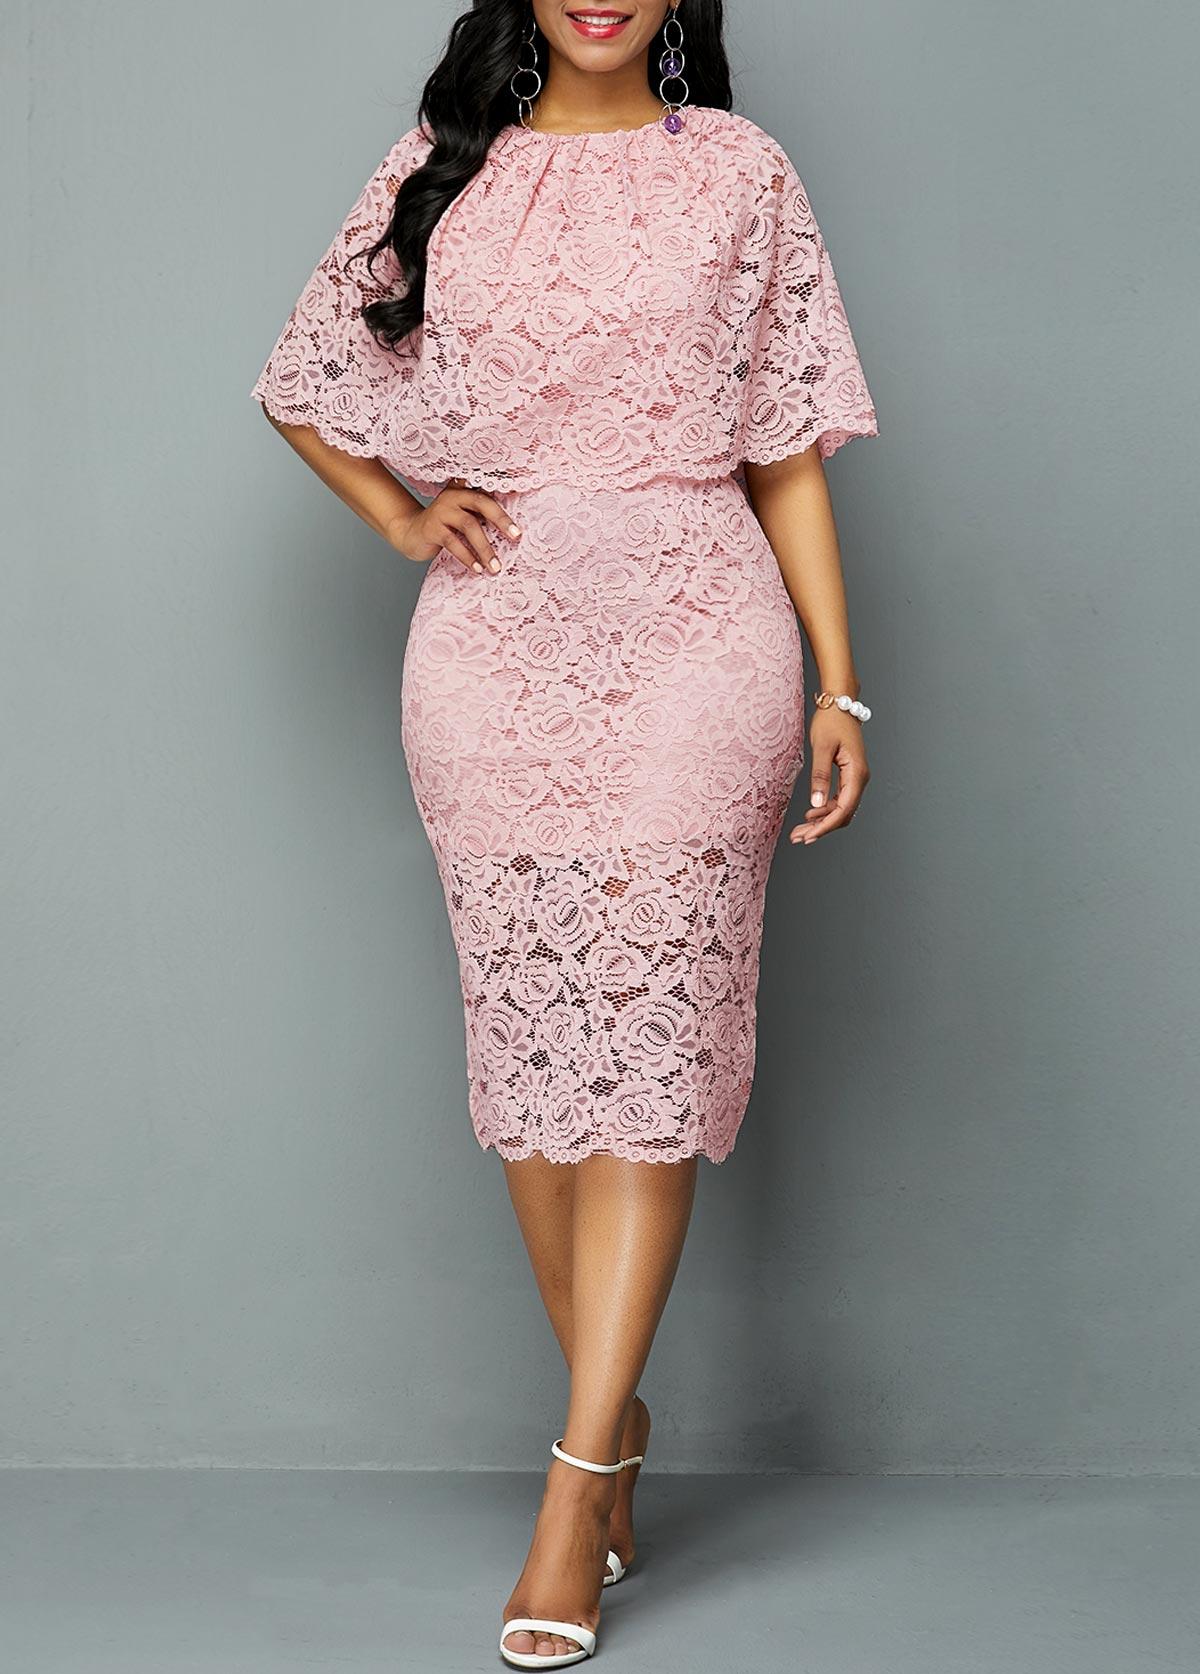 Overlay Embellished Half Sleeve Lace Dress